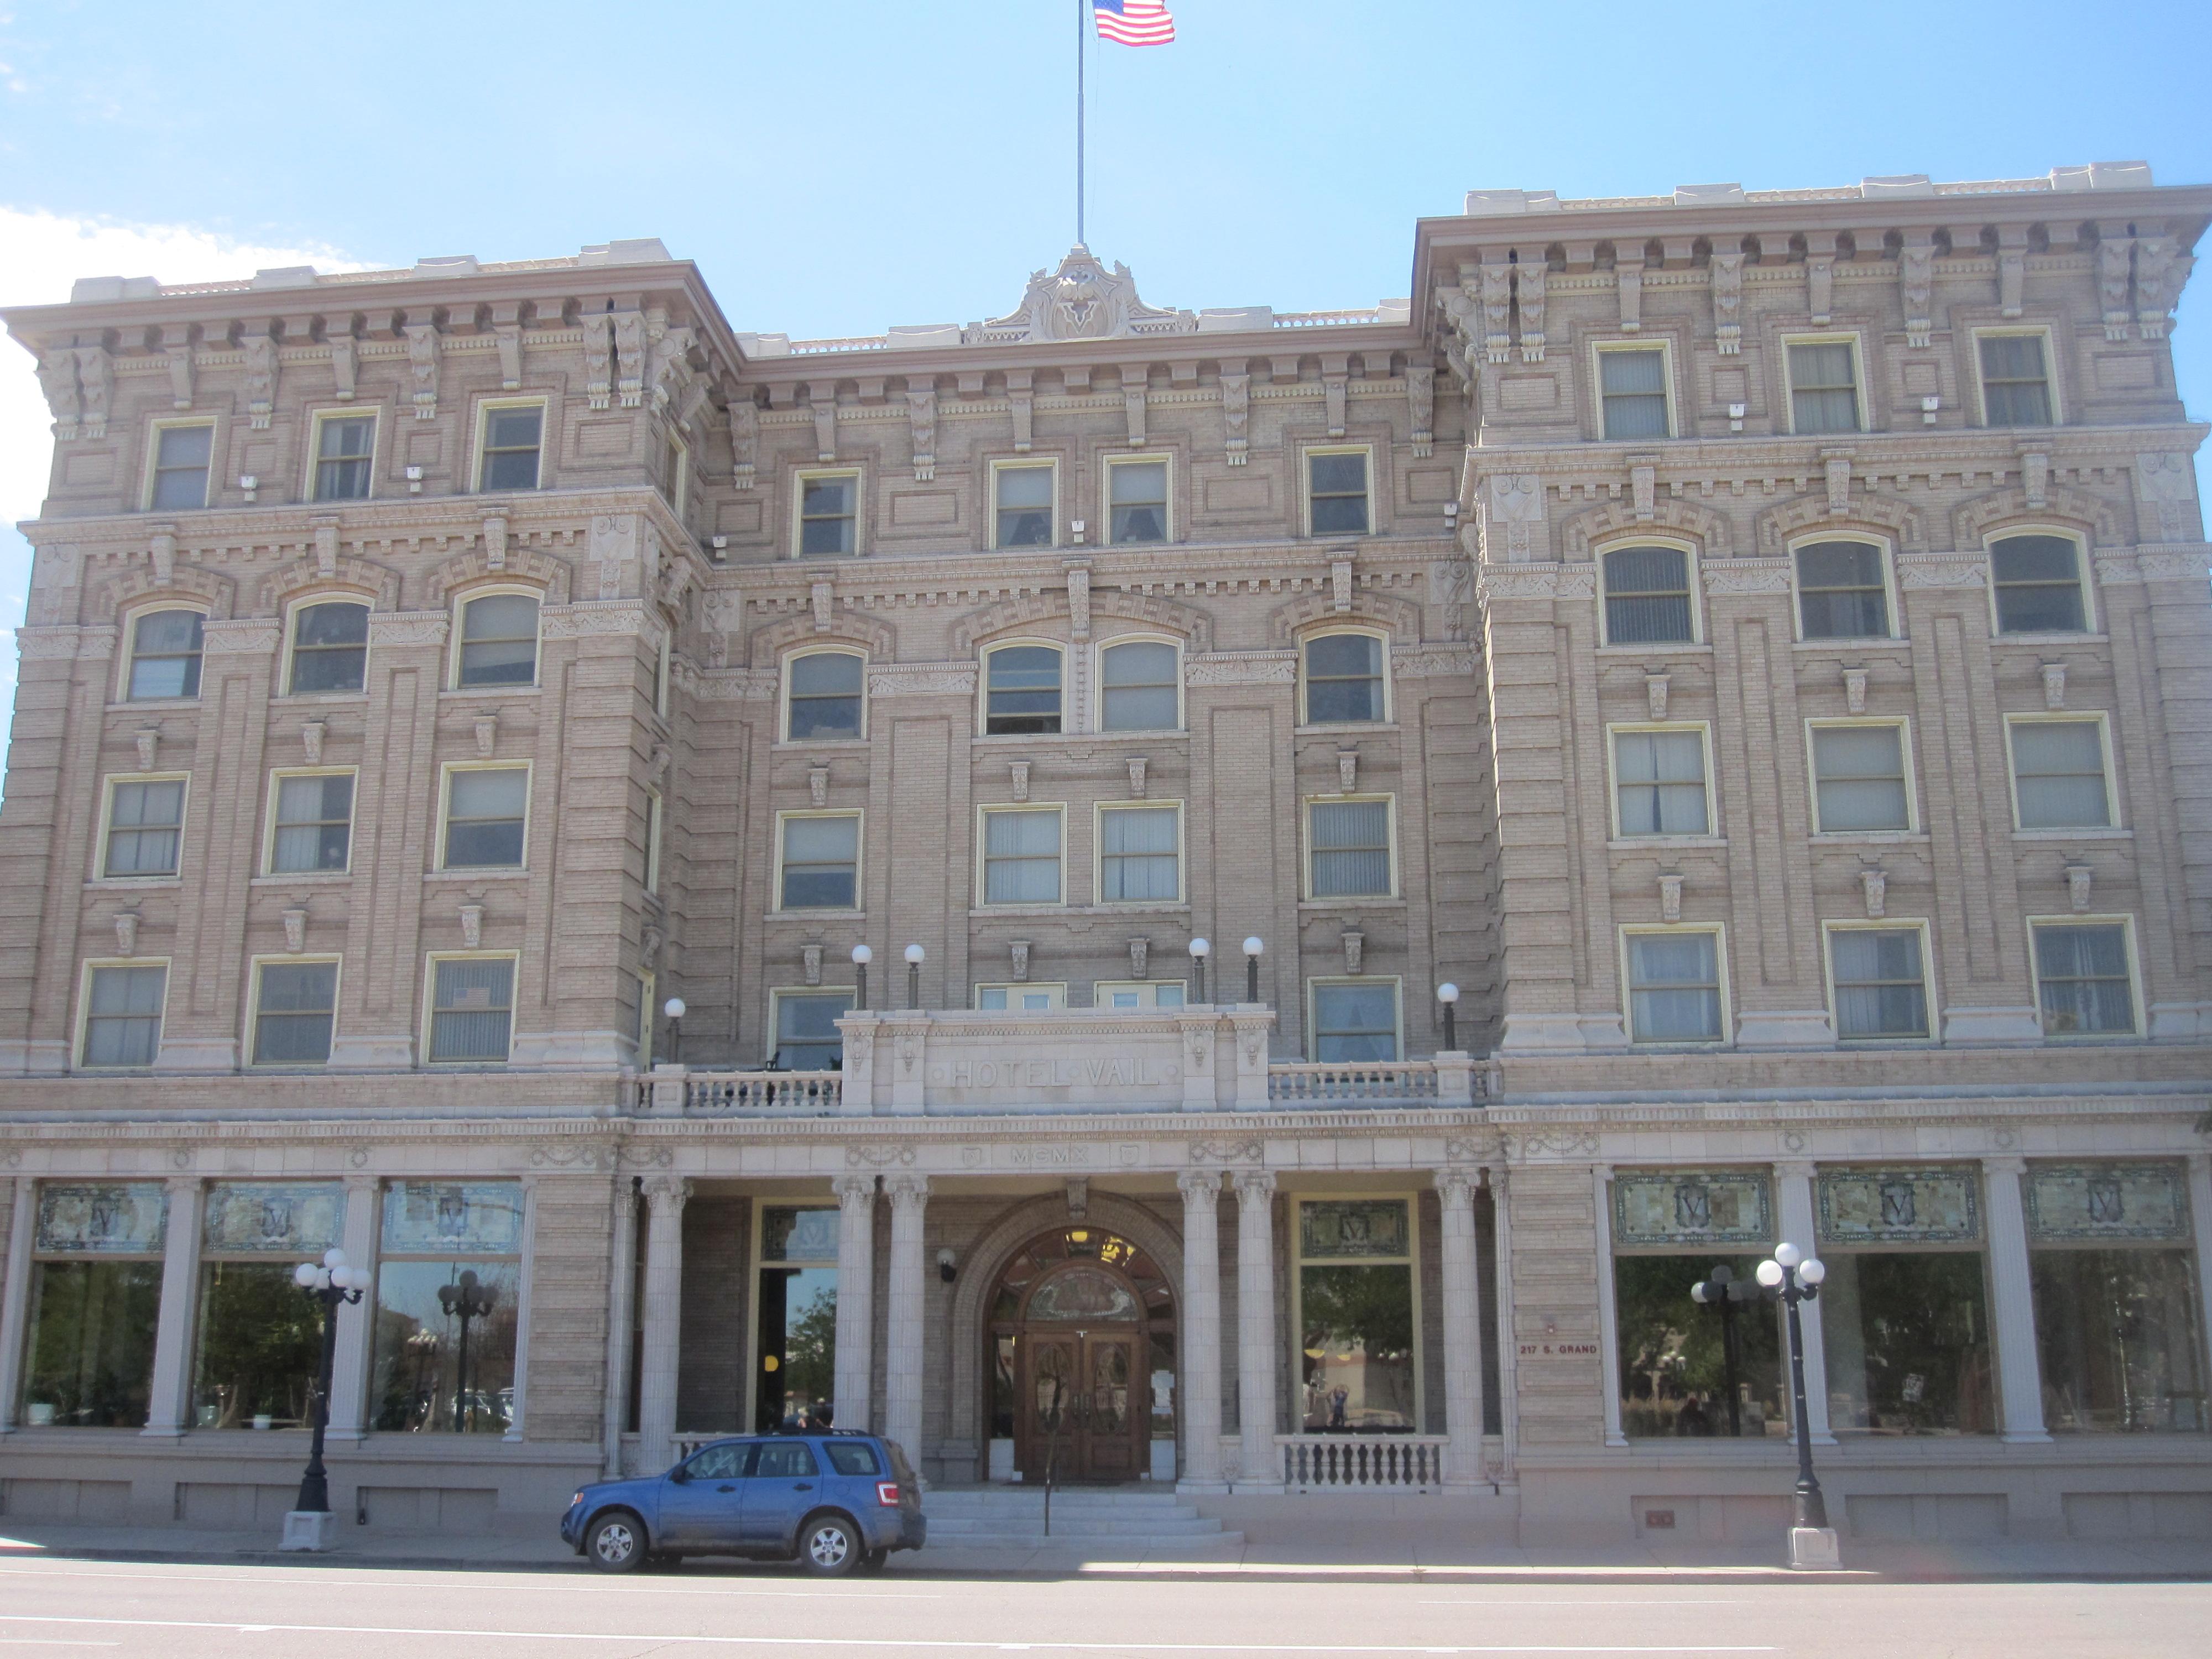 Pueblo colorado familypedia fandom powered by wikia for Alf hotel downtown